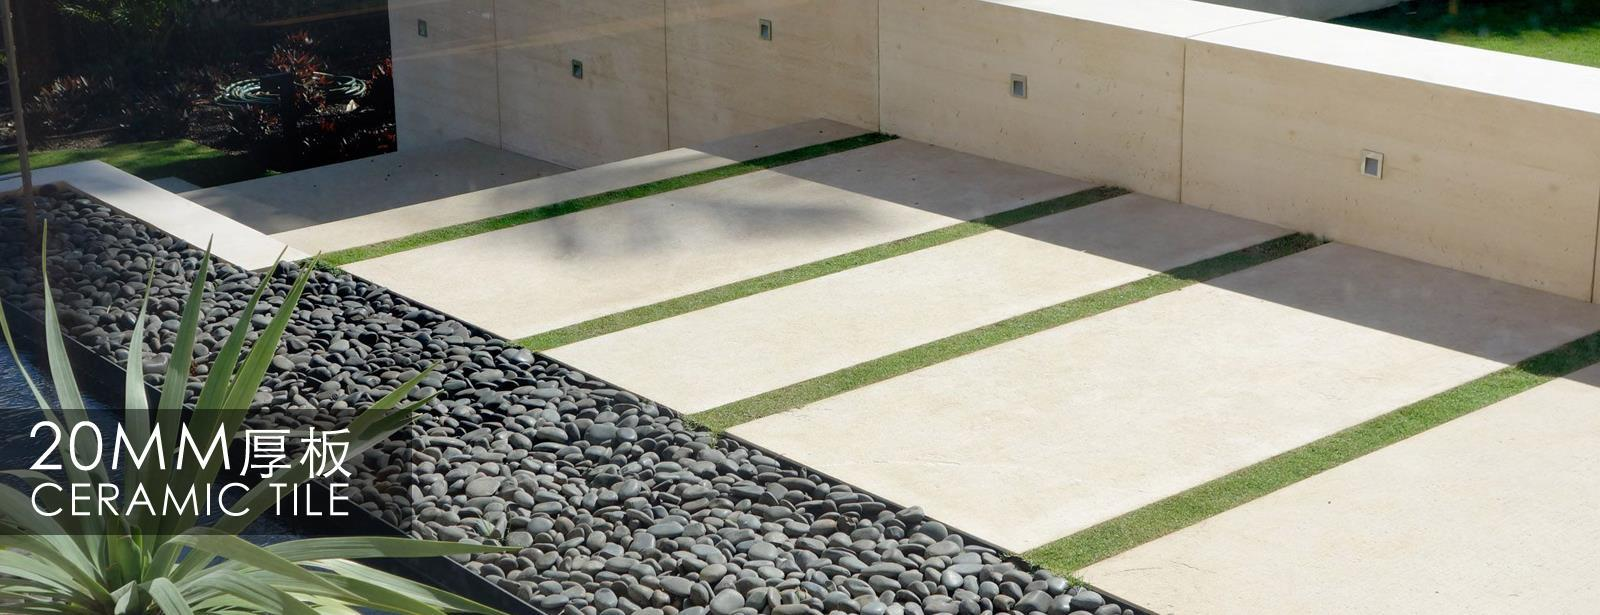 2cm厚生态地铺石悬空铺贴是怎样的?悬空铺贴有什么优点